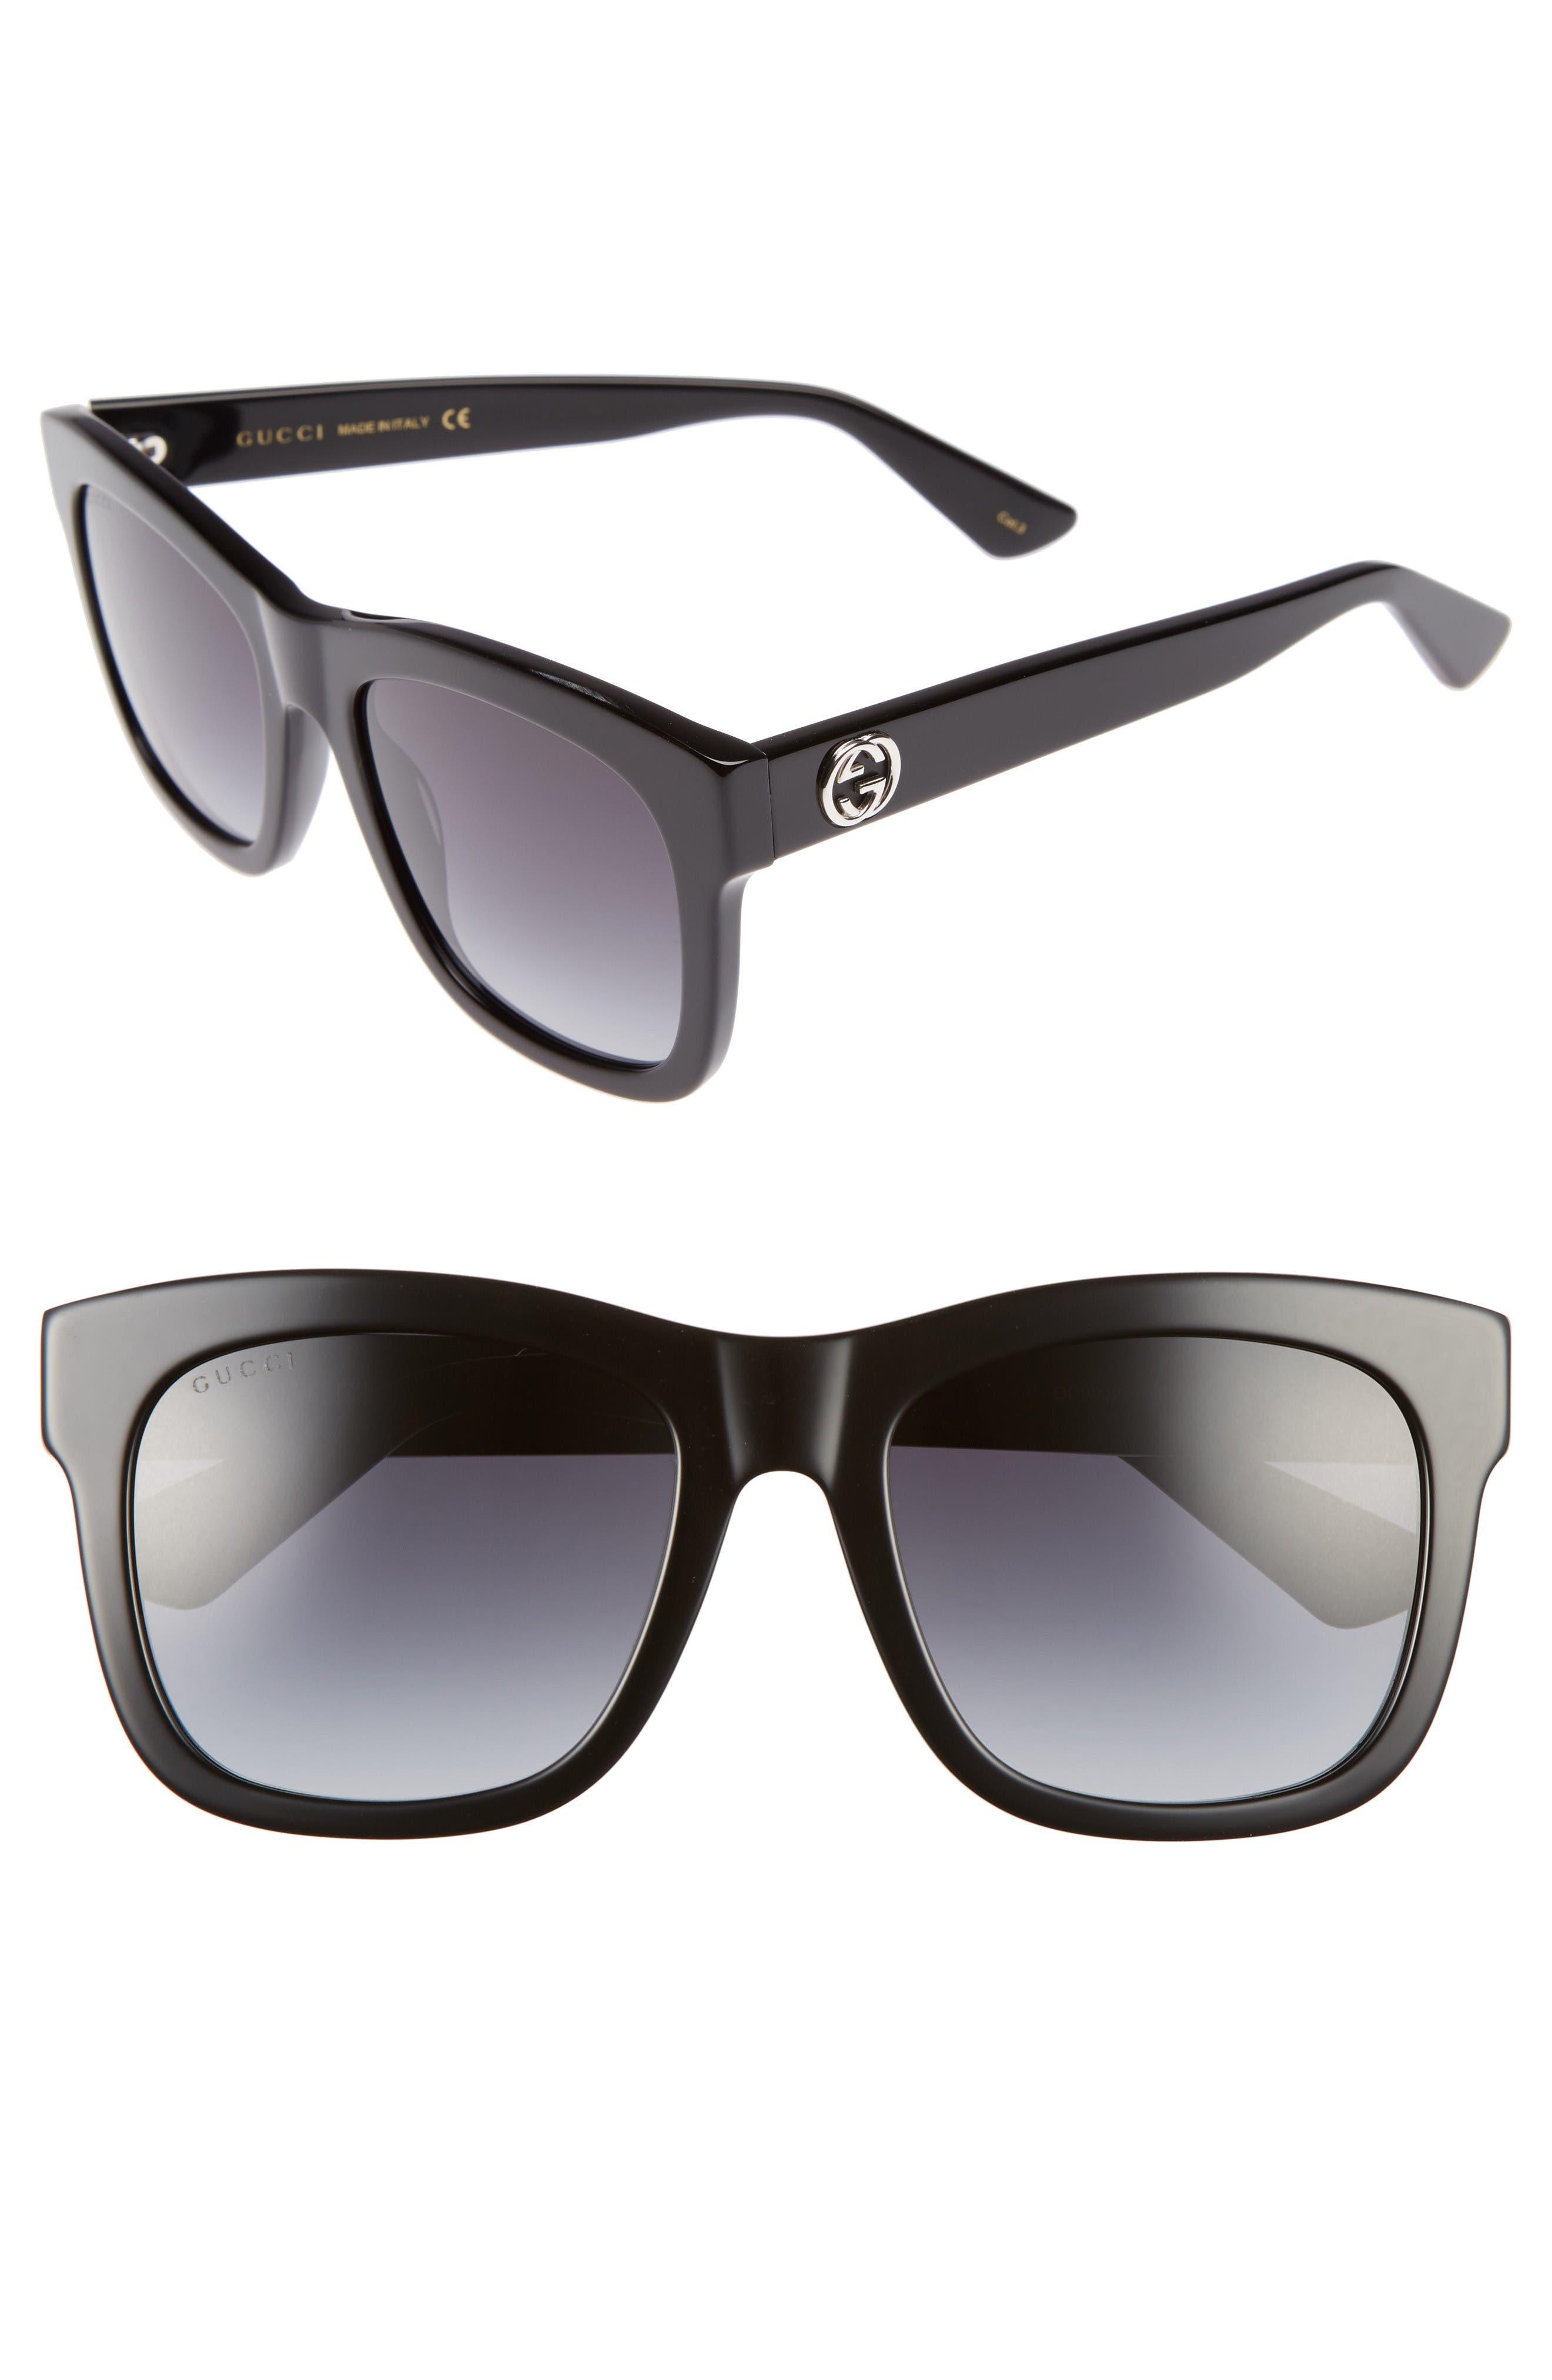 Main Image - Gucci 54mm Retro Sunglasses